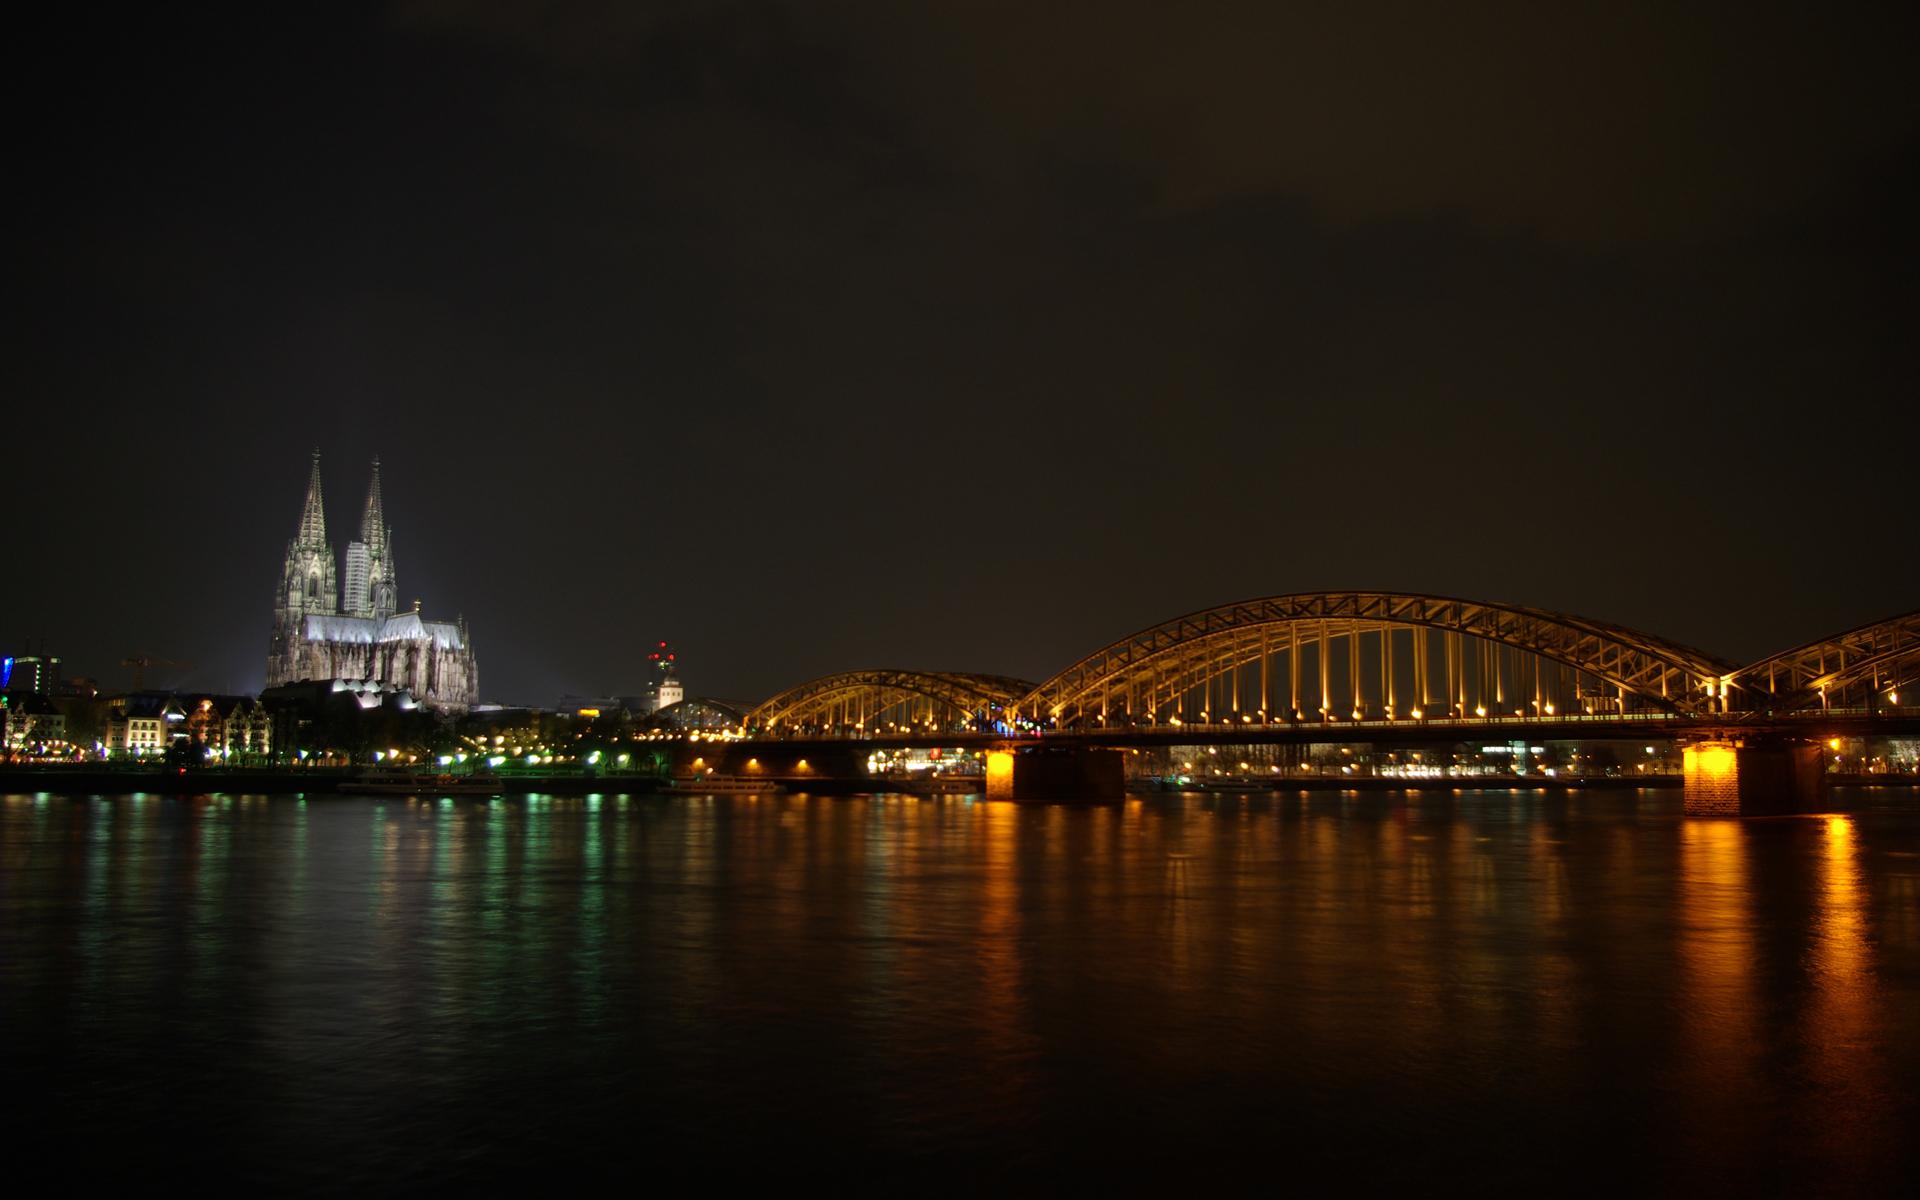 Ночной город 1680 x 1050